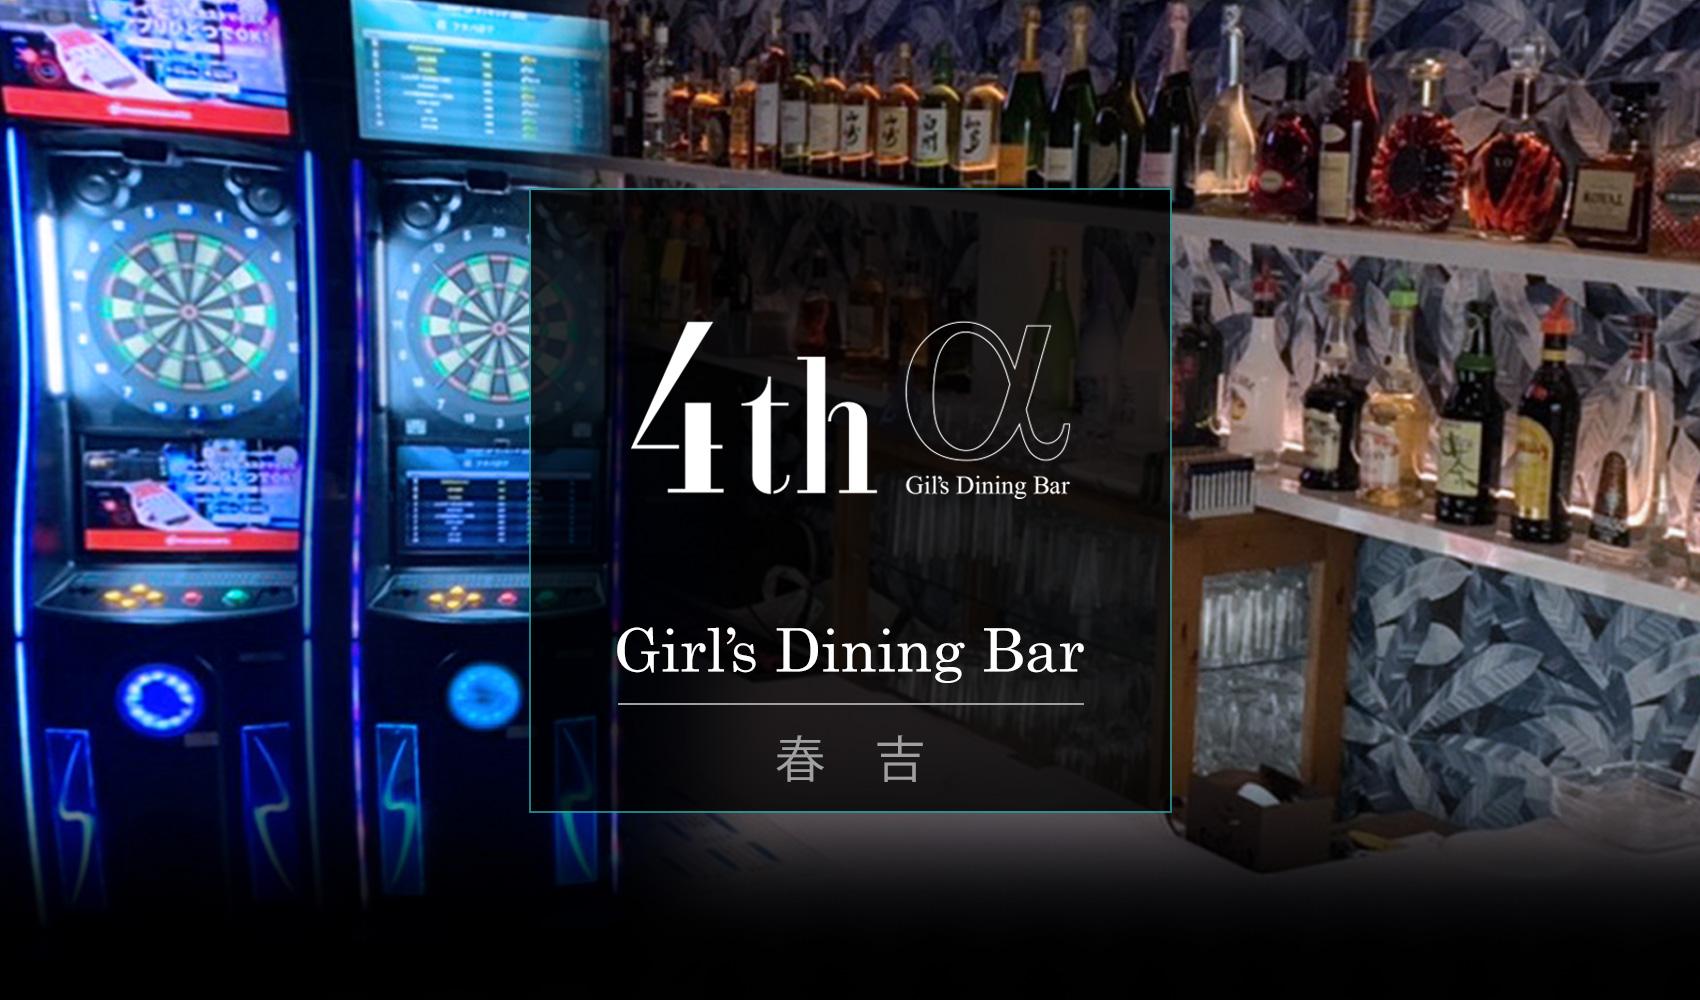 福岡市中央区春吉のGirl's Dining Bar 4th alpha(ガールズダイニングバー・フォースアルファ)